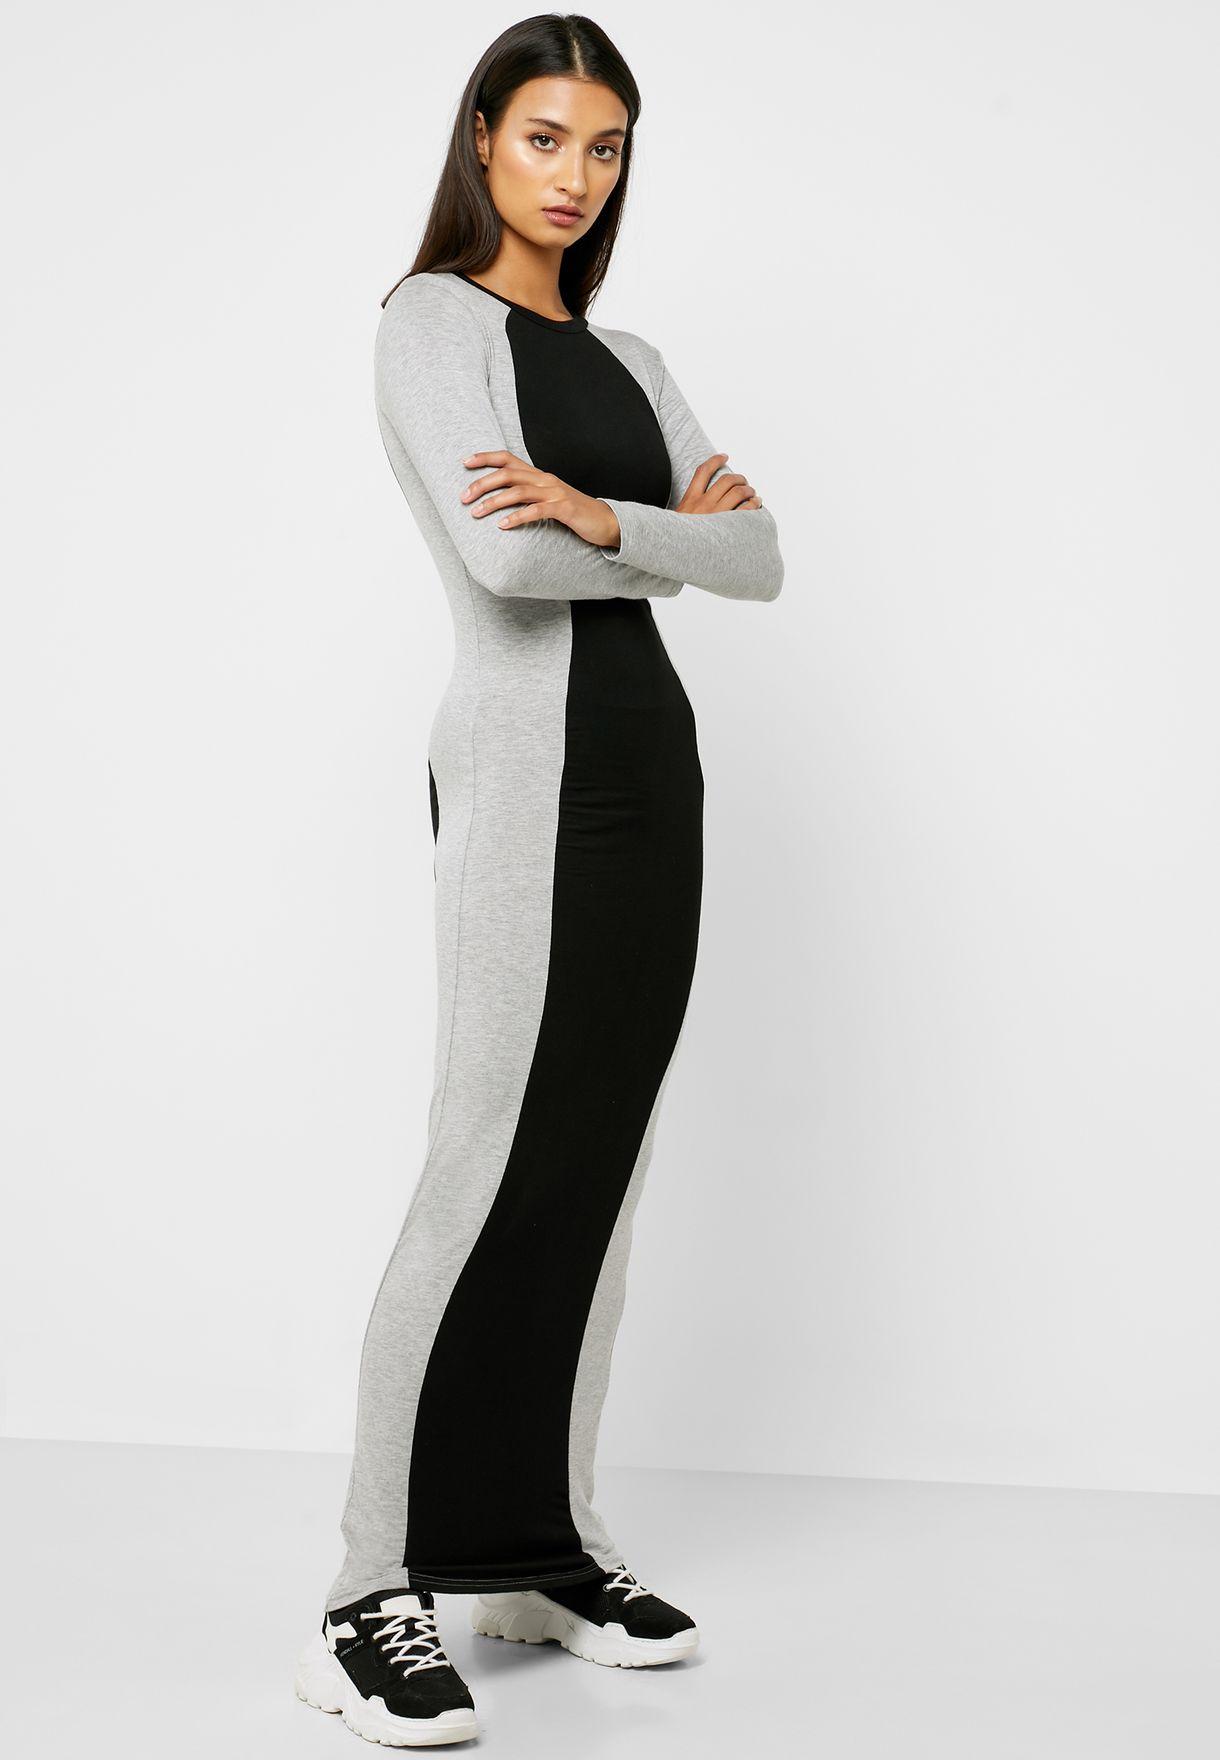 Colourblock Bodycon Maxi Dress